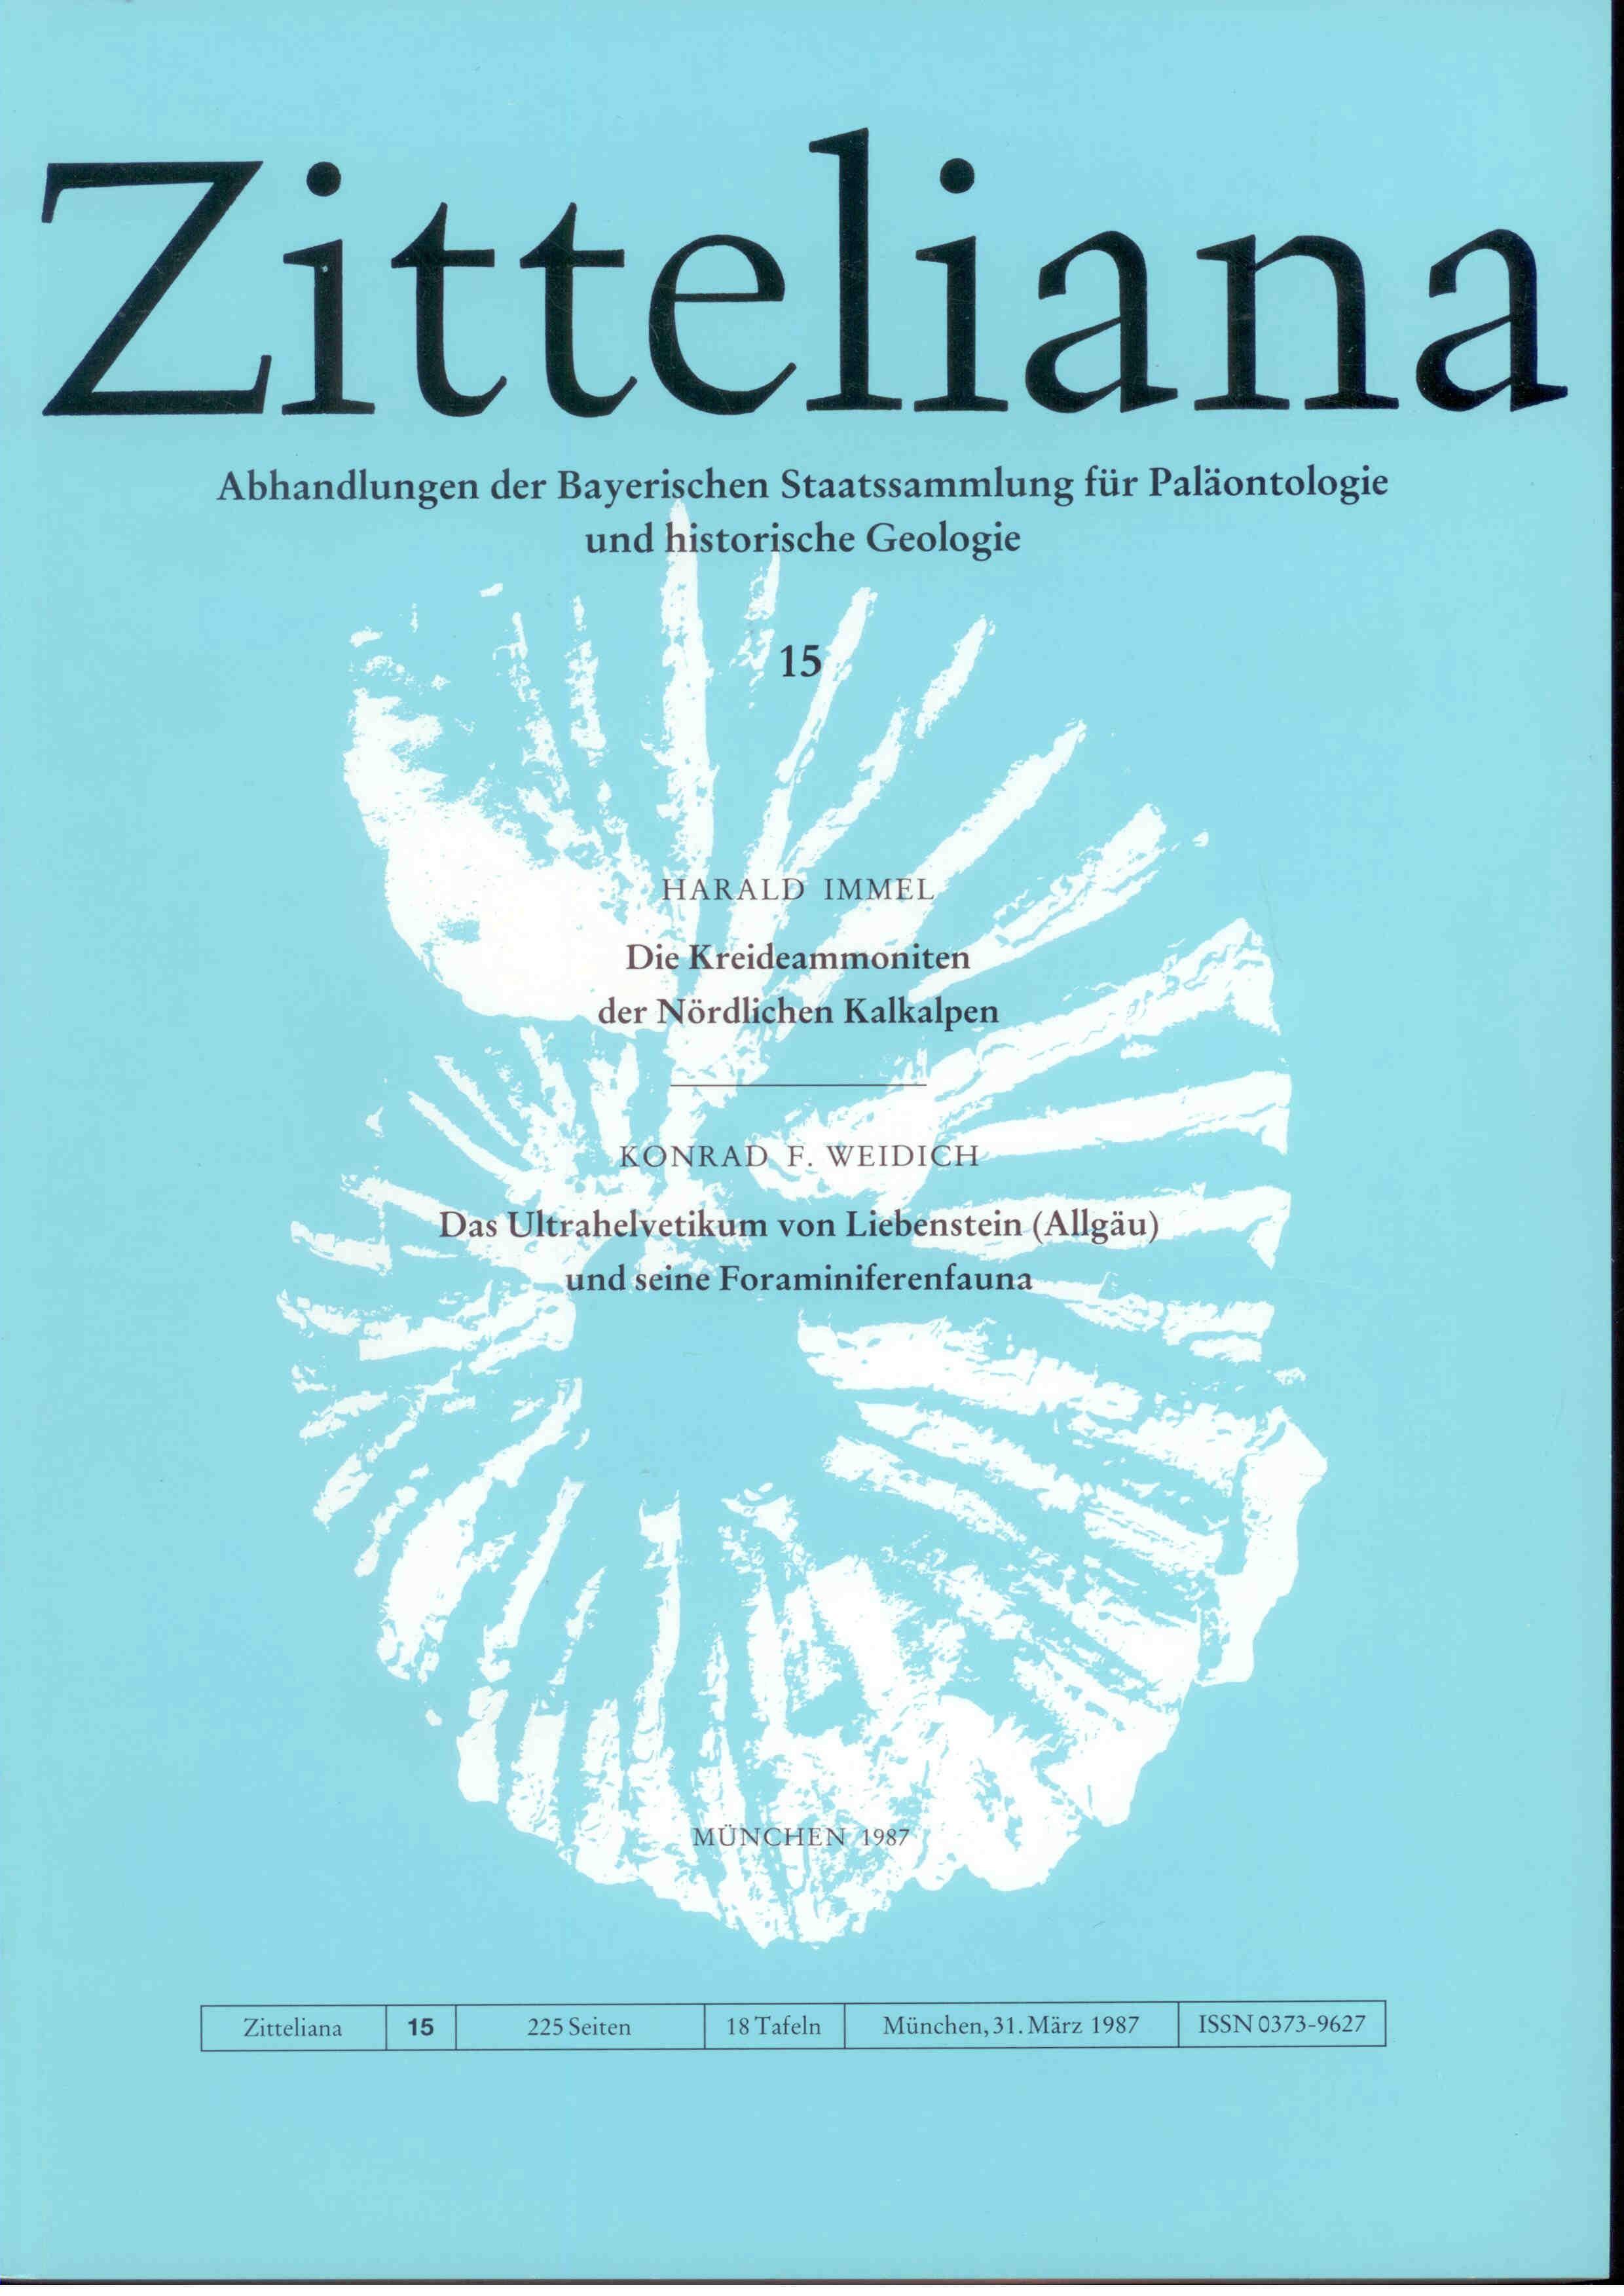 Immel H., Weidlich K.: Die Kreideammoniten der Nördlichen Kalkalpen. Das Ultrahelvetikum von Liebenstein (Allgäu) und seine Foraminiferenfauna.  ZITTELIANA 15